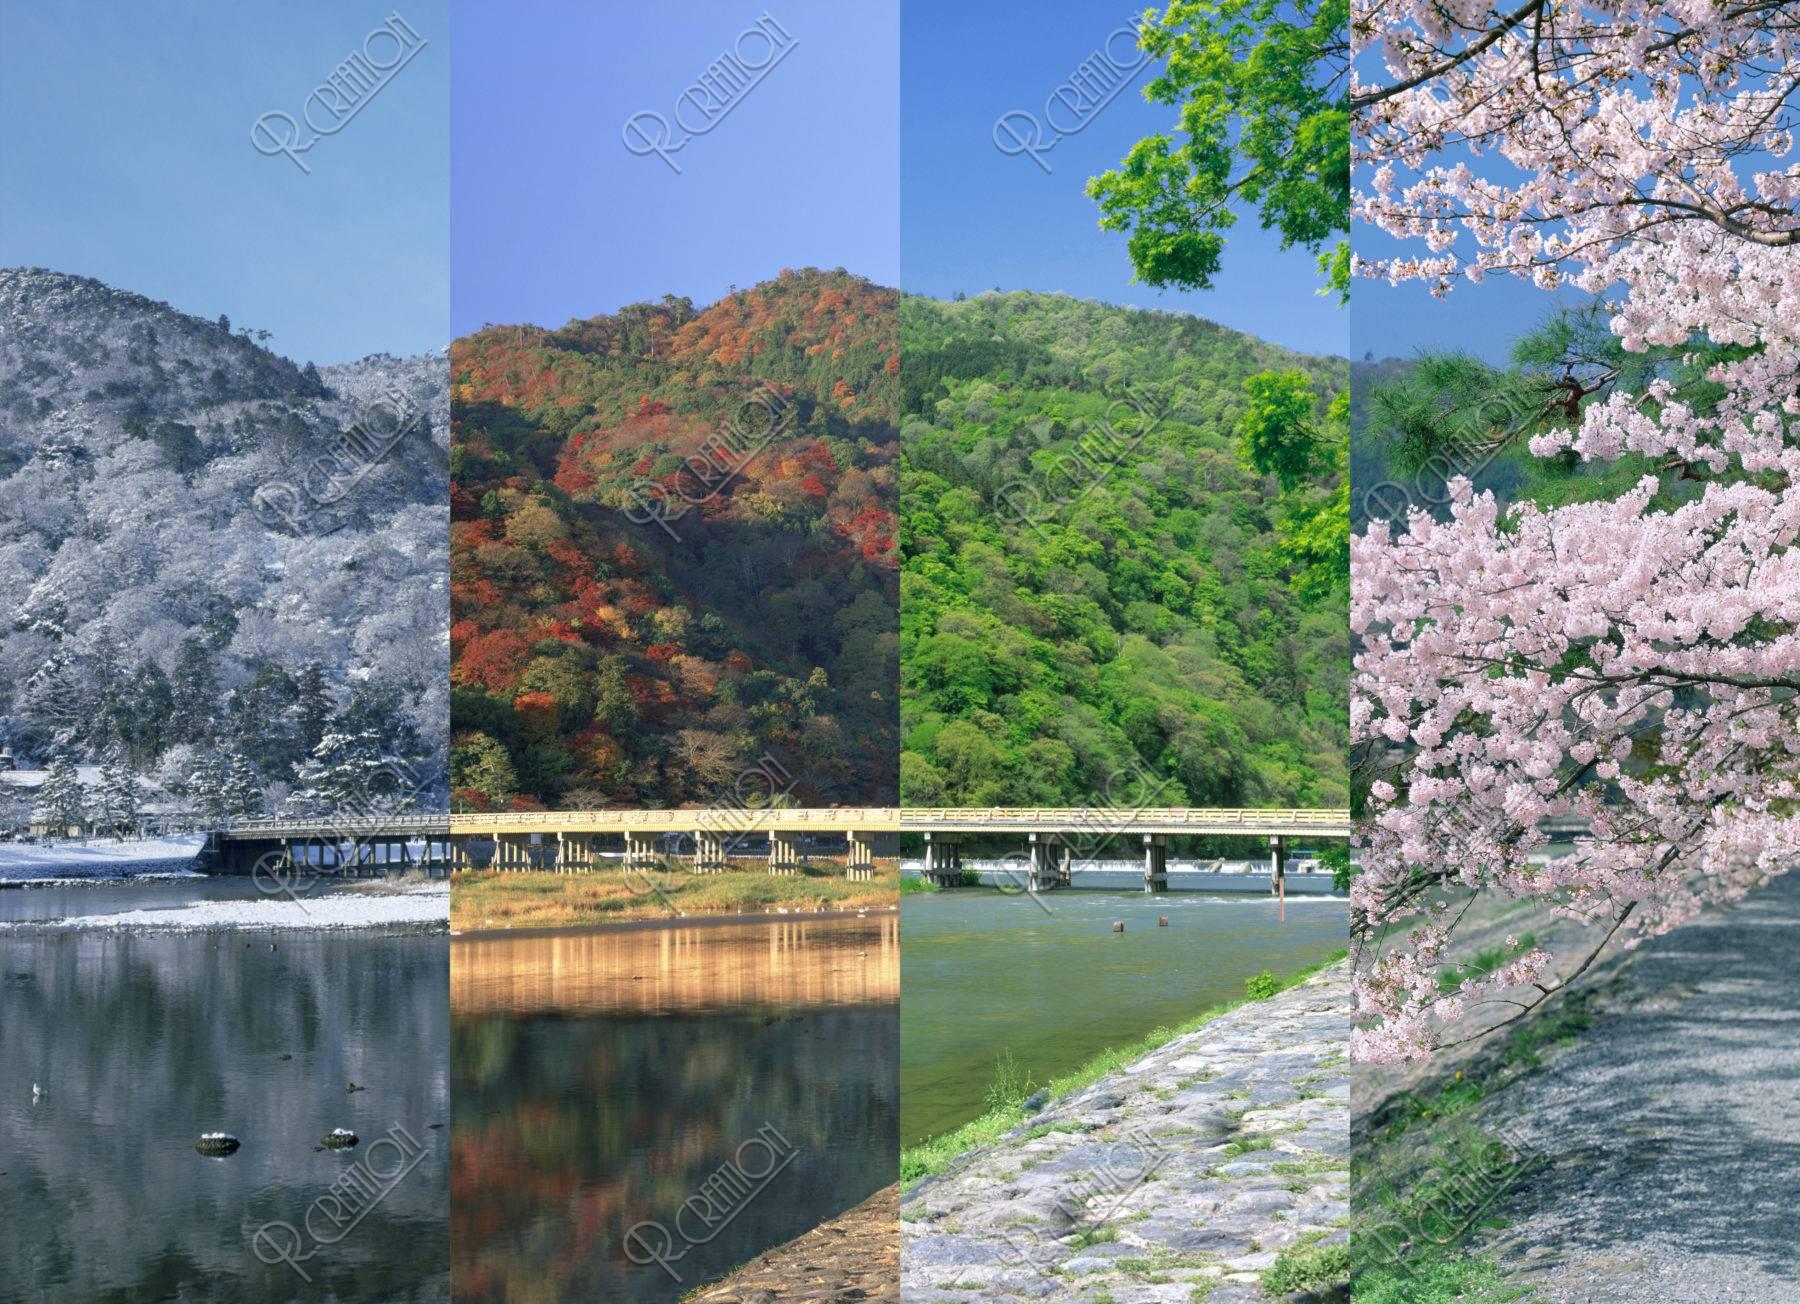 嵐山 渡月橋 春夏秋冬 合成